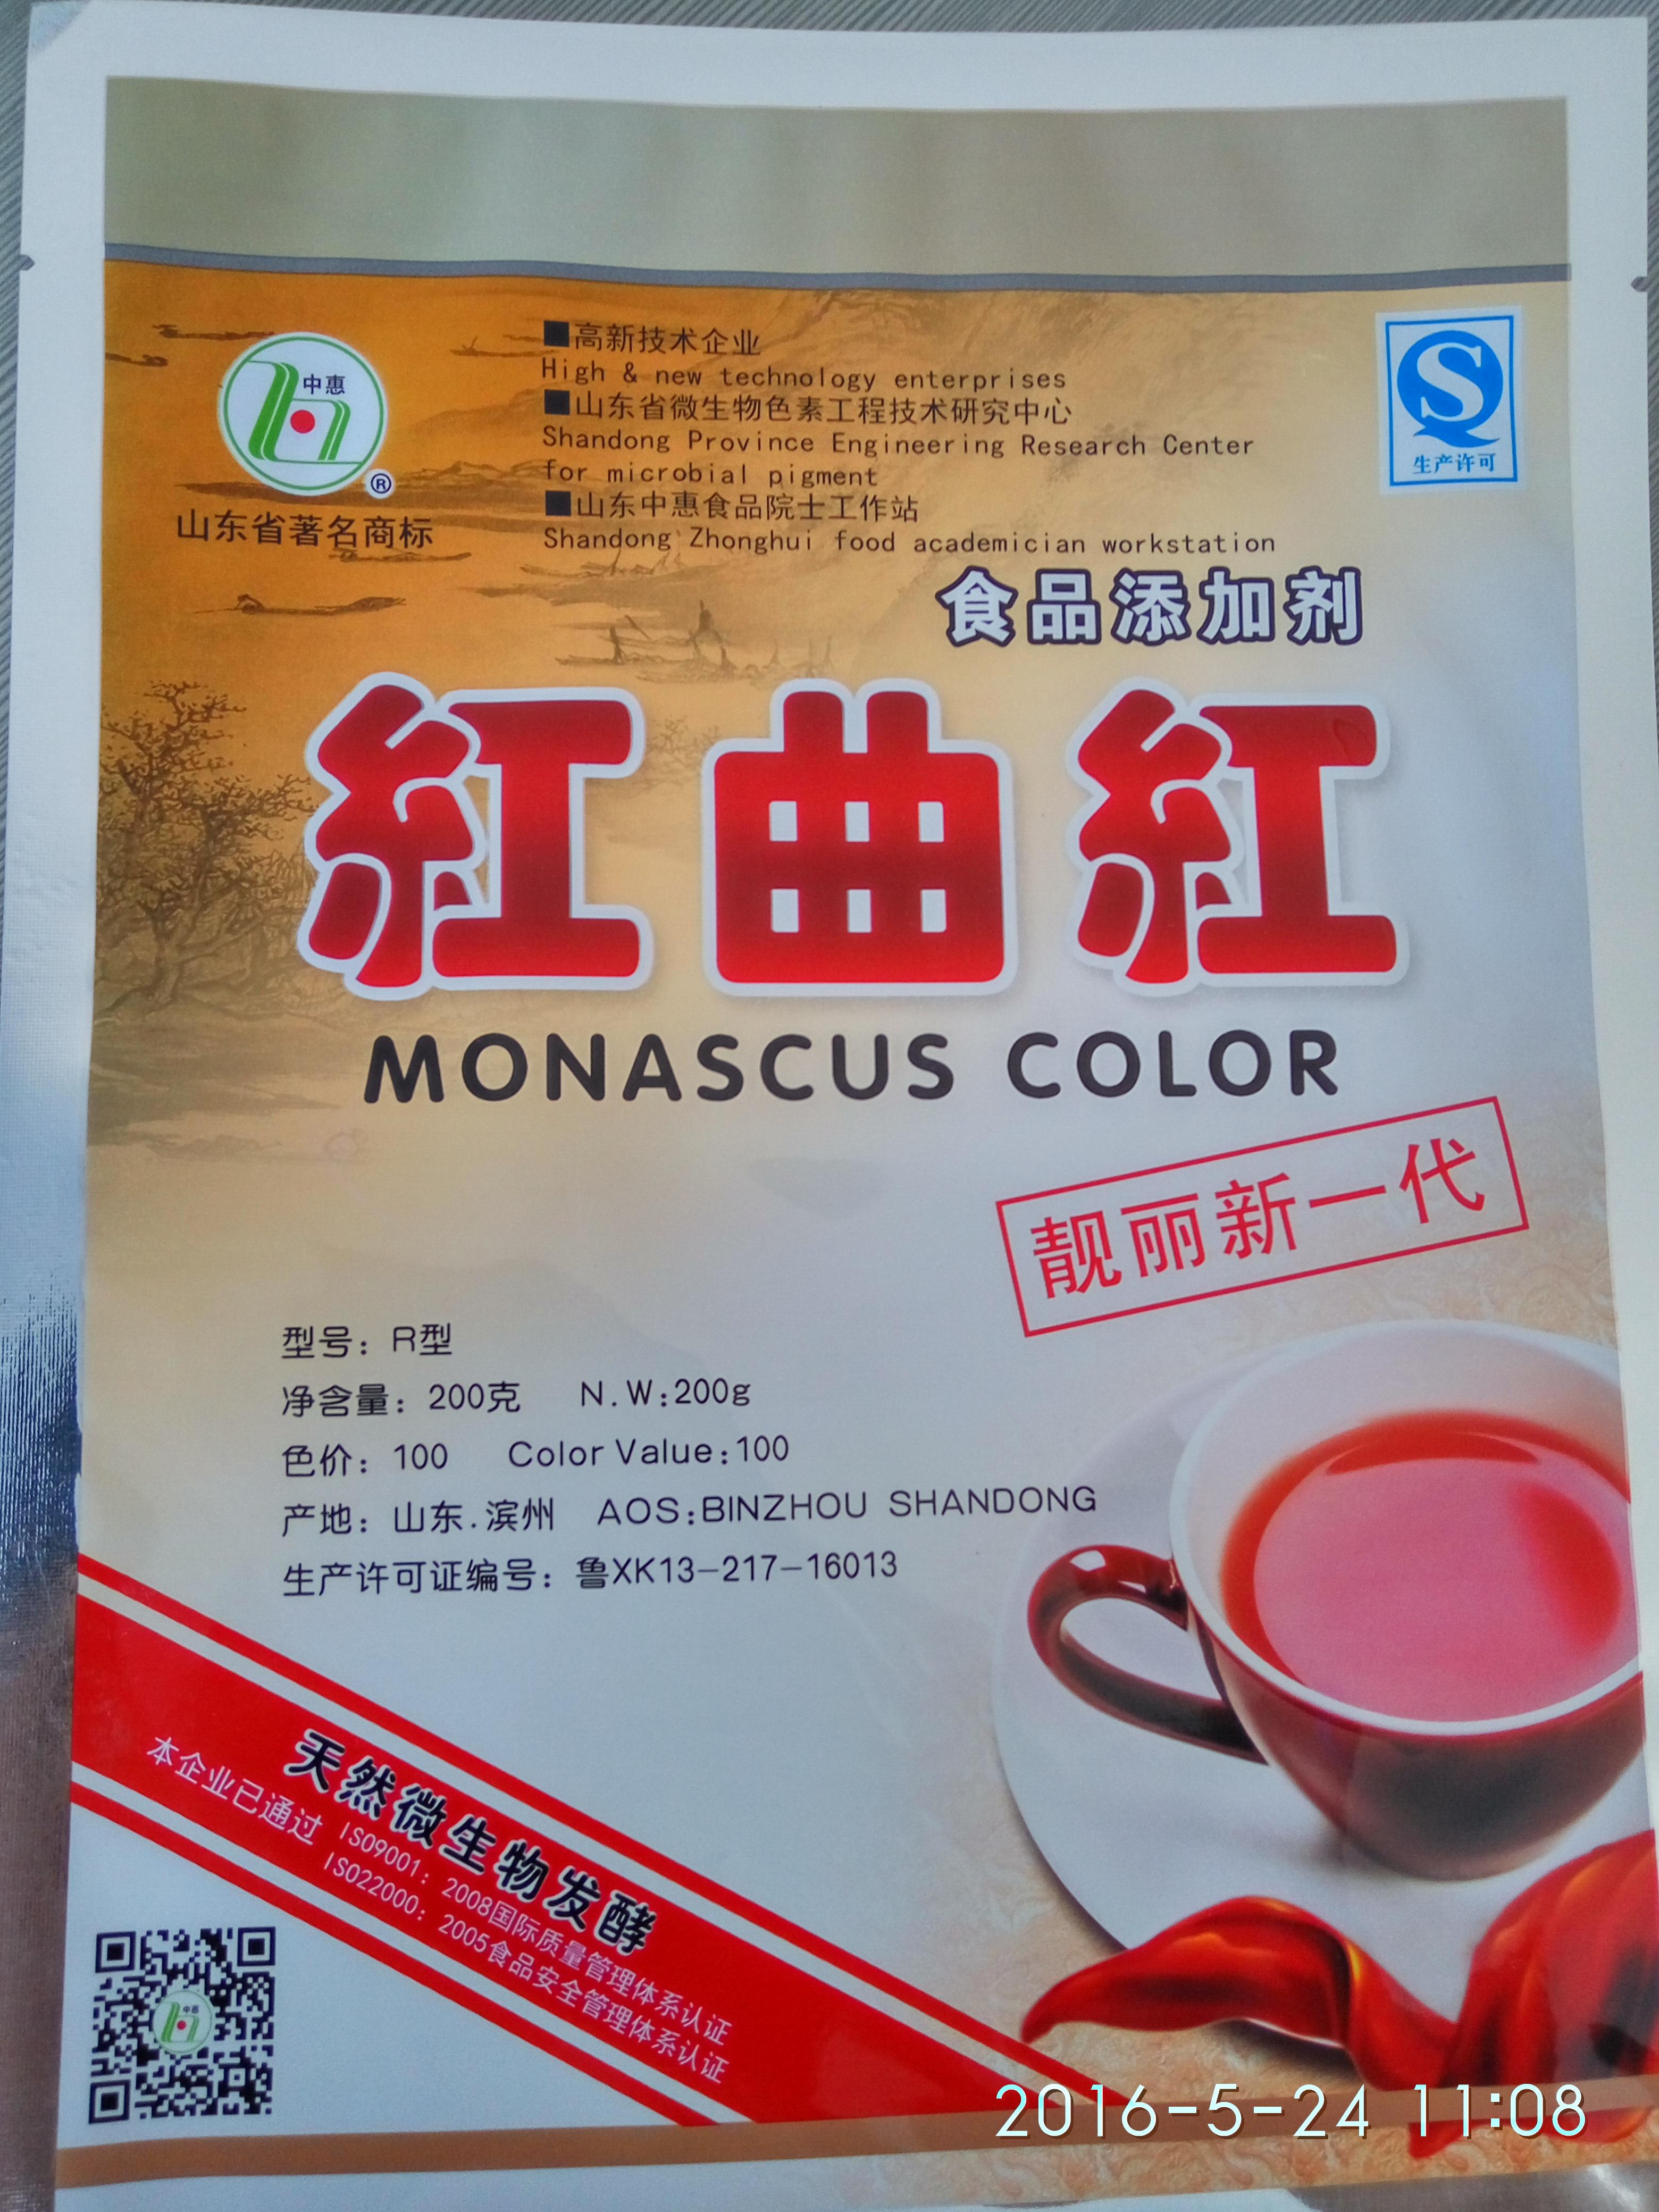 中惠牌酱油红曲红天然色素销售